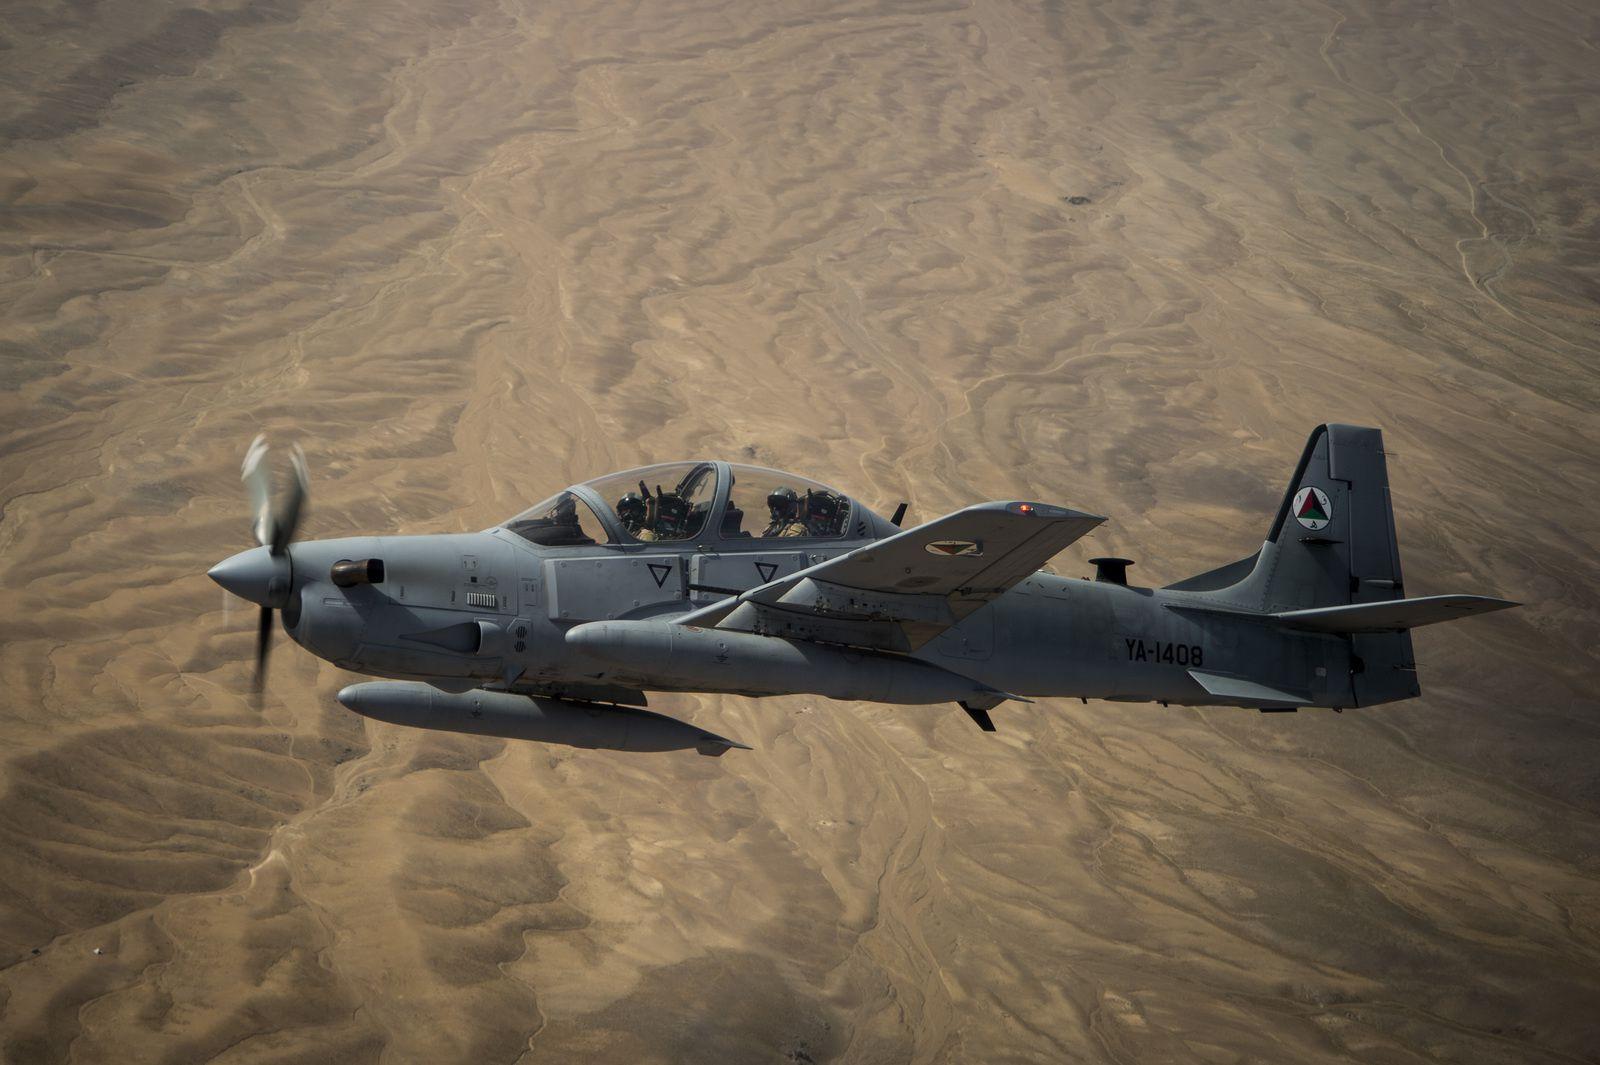 © USAF - Les montagnes rocailleuses se dessinent sous ce A-29A afghan.